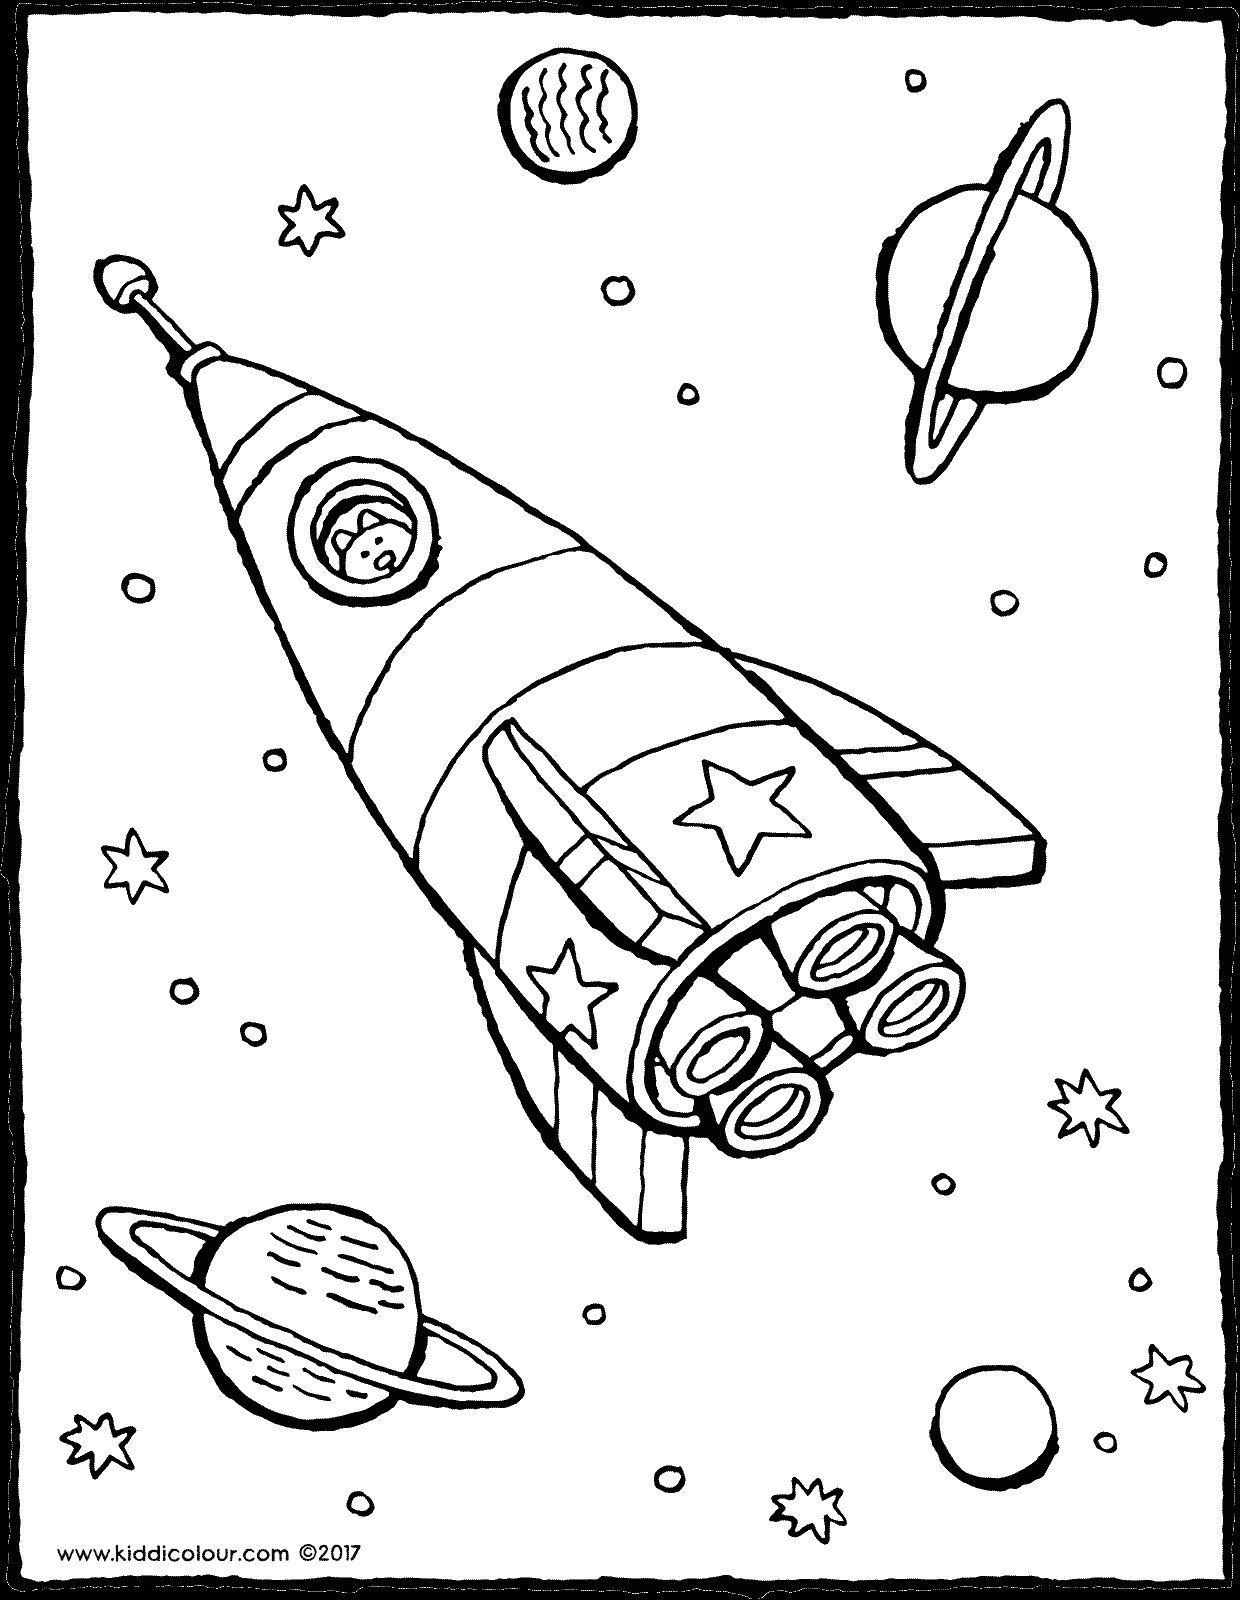 Raket In De Ruimte Kiddikleurplaten Kiddikleurprenten Kleurplaten Voor Kinderen Ruimte Thema Kleurplaten